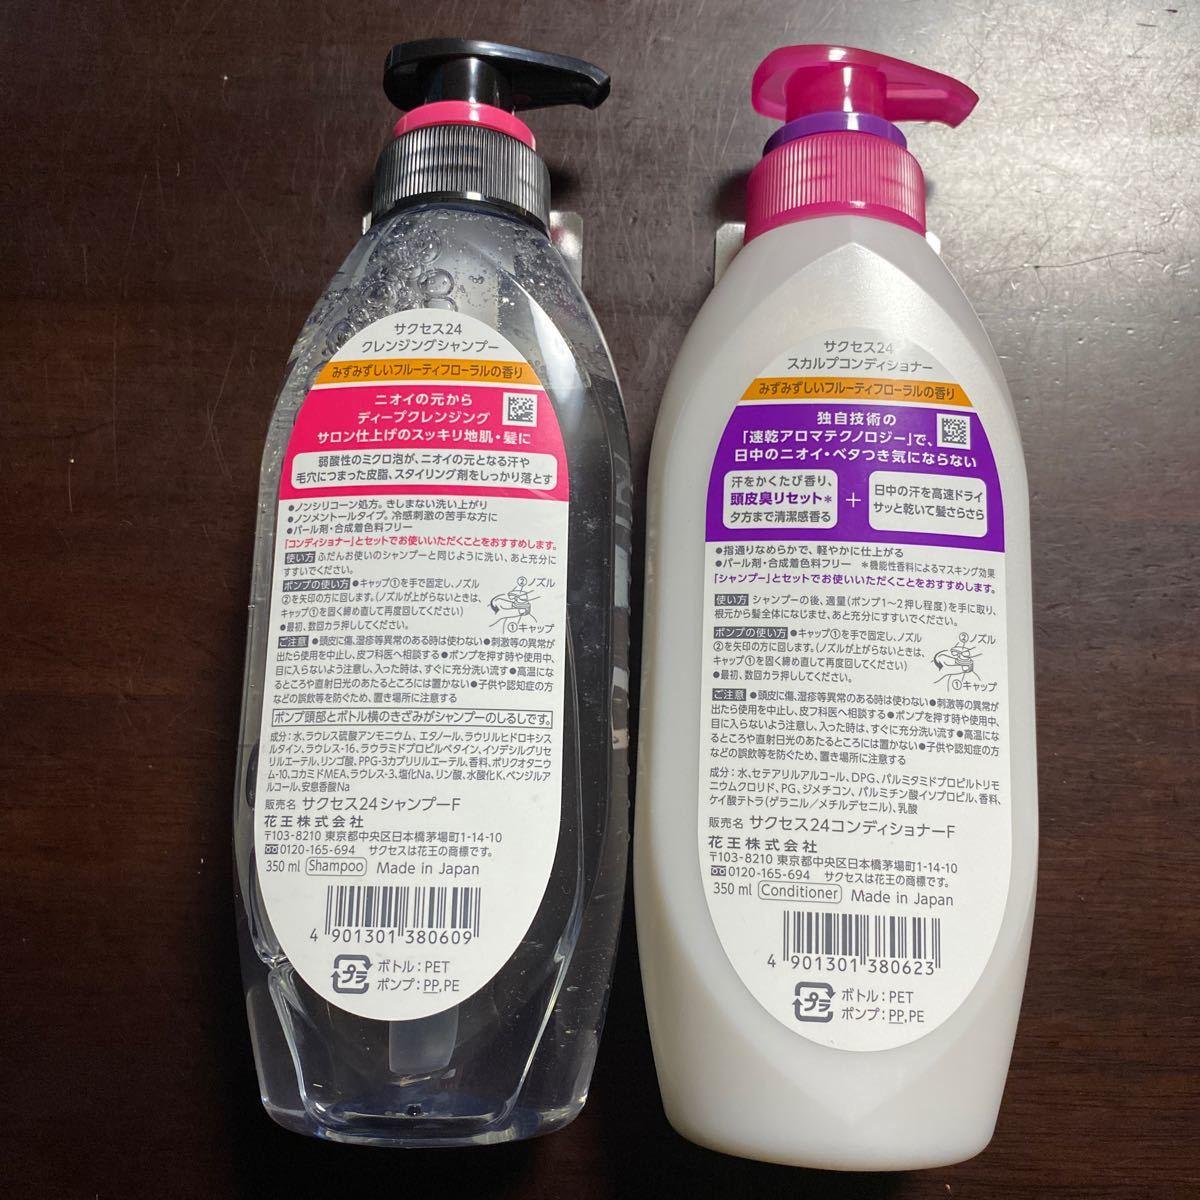 《花王》 サクセス24 クレンジングシャンプー フルーティフローラルの香り 本体 350mL